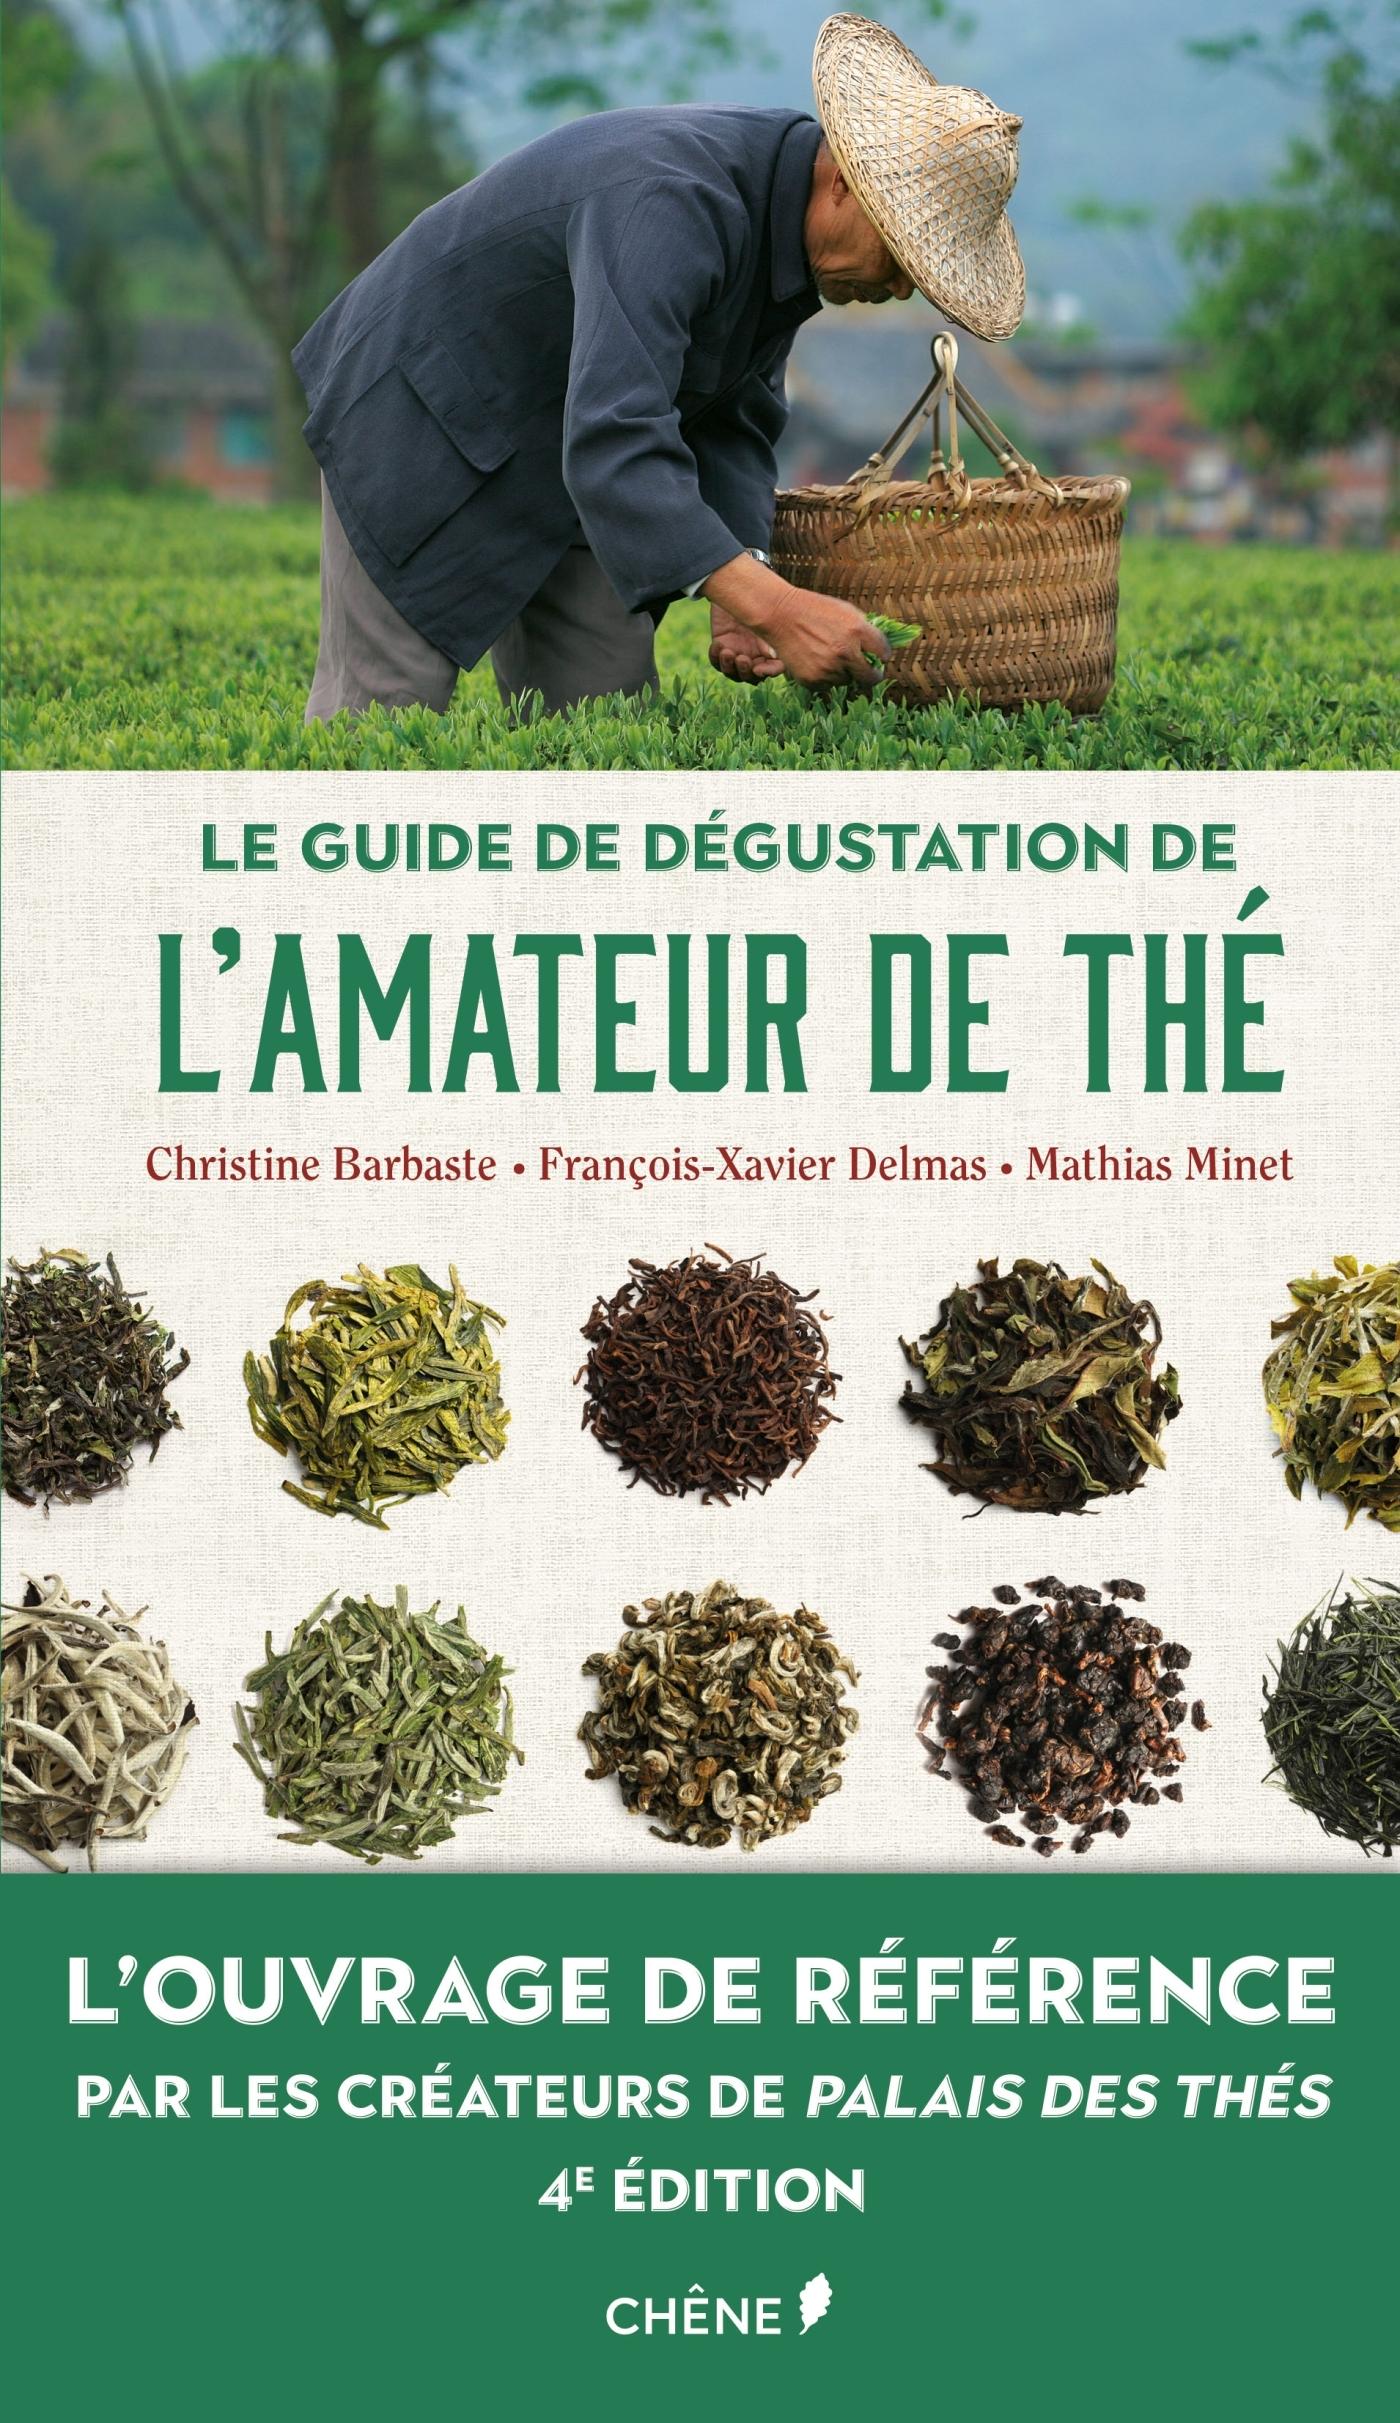 LE GUIDE DE DEGUSTATION DE L'AMATEUR DE THE - NOUVELLE EDITION - L'OUVRAGE DE REFERENCE PAR LES CREA